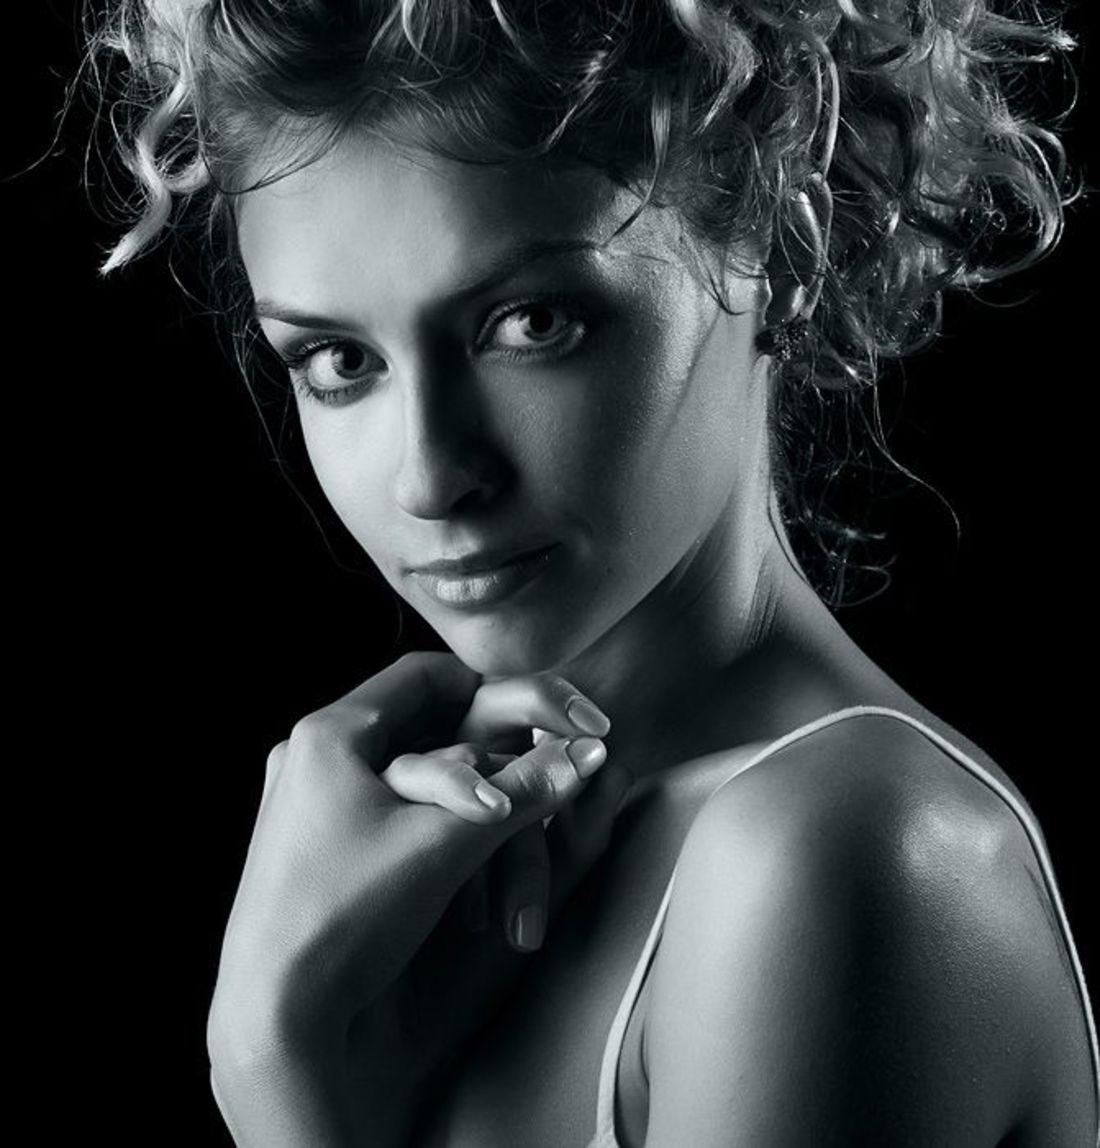 Фотопортреты красивых женщин 6 фотография